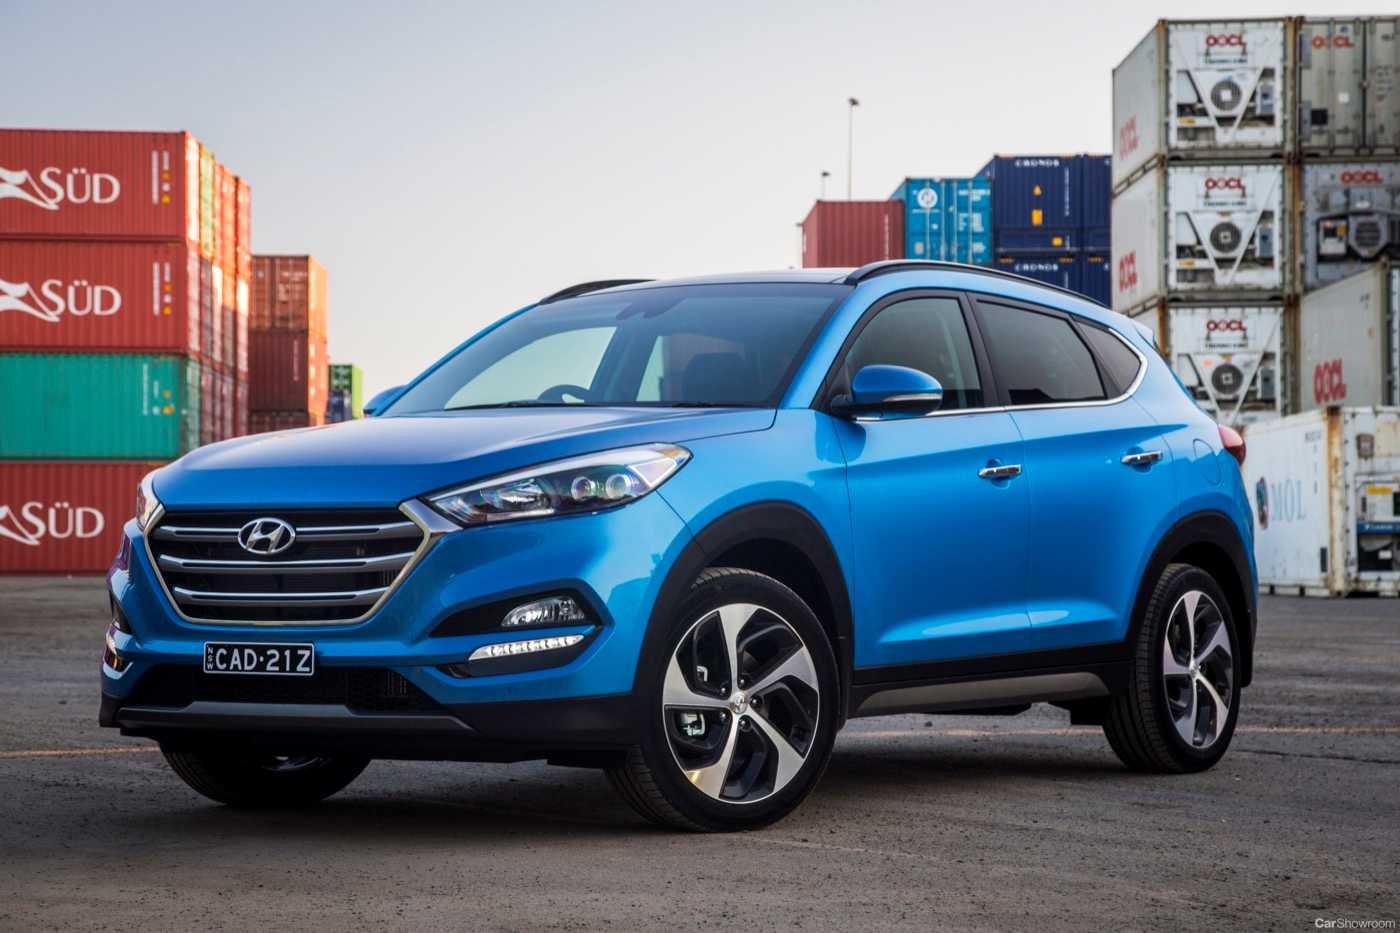 Hyundai a su se classer au 6e rang des marques de voitures les plus fiables en 2018